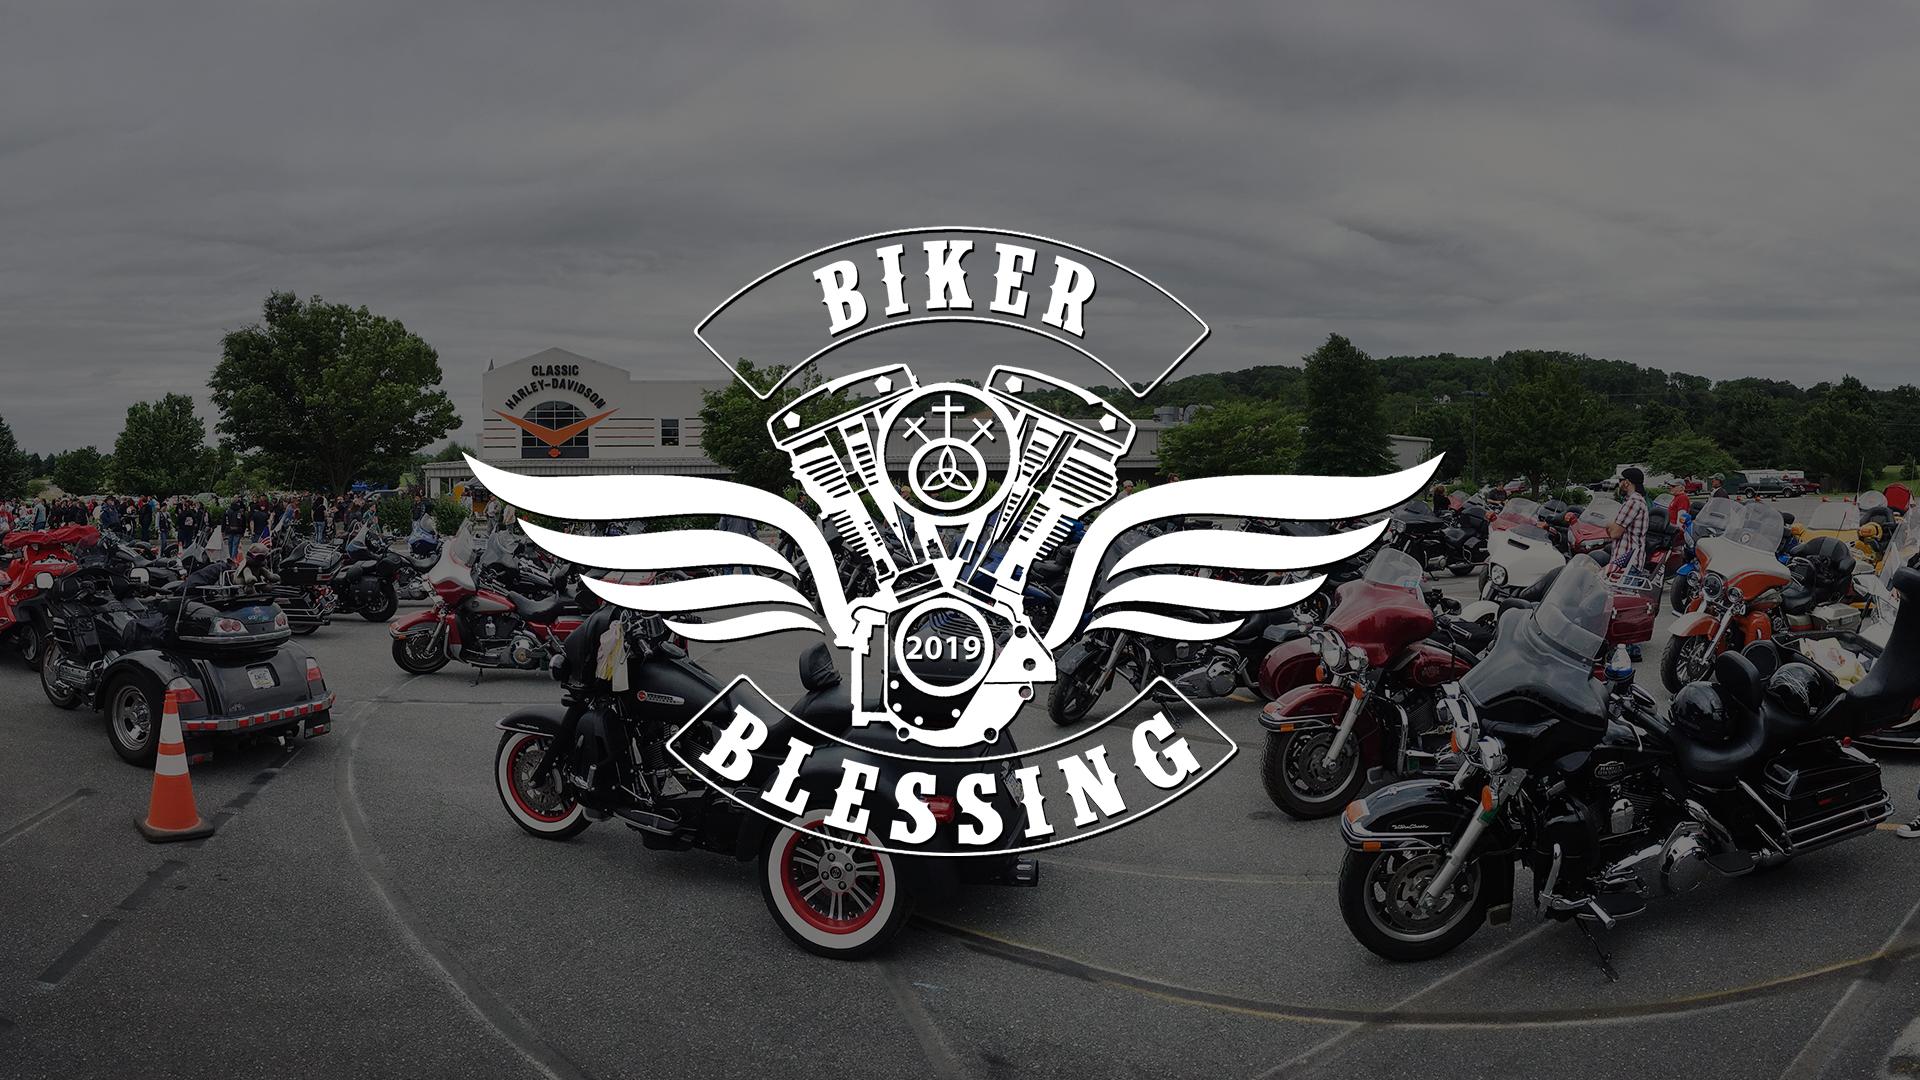 Biker Blessing 2019